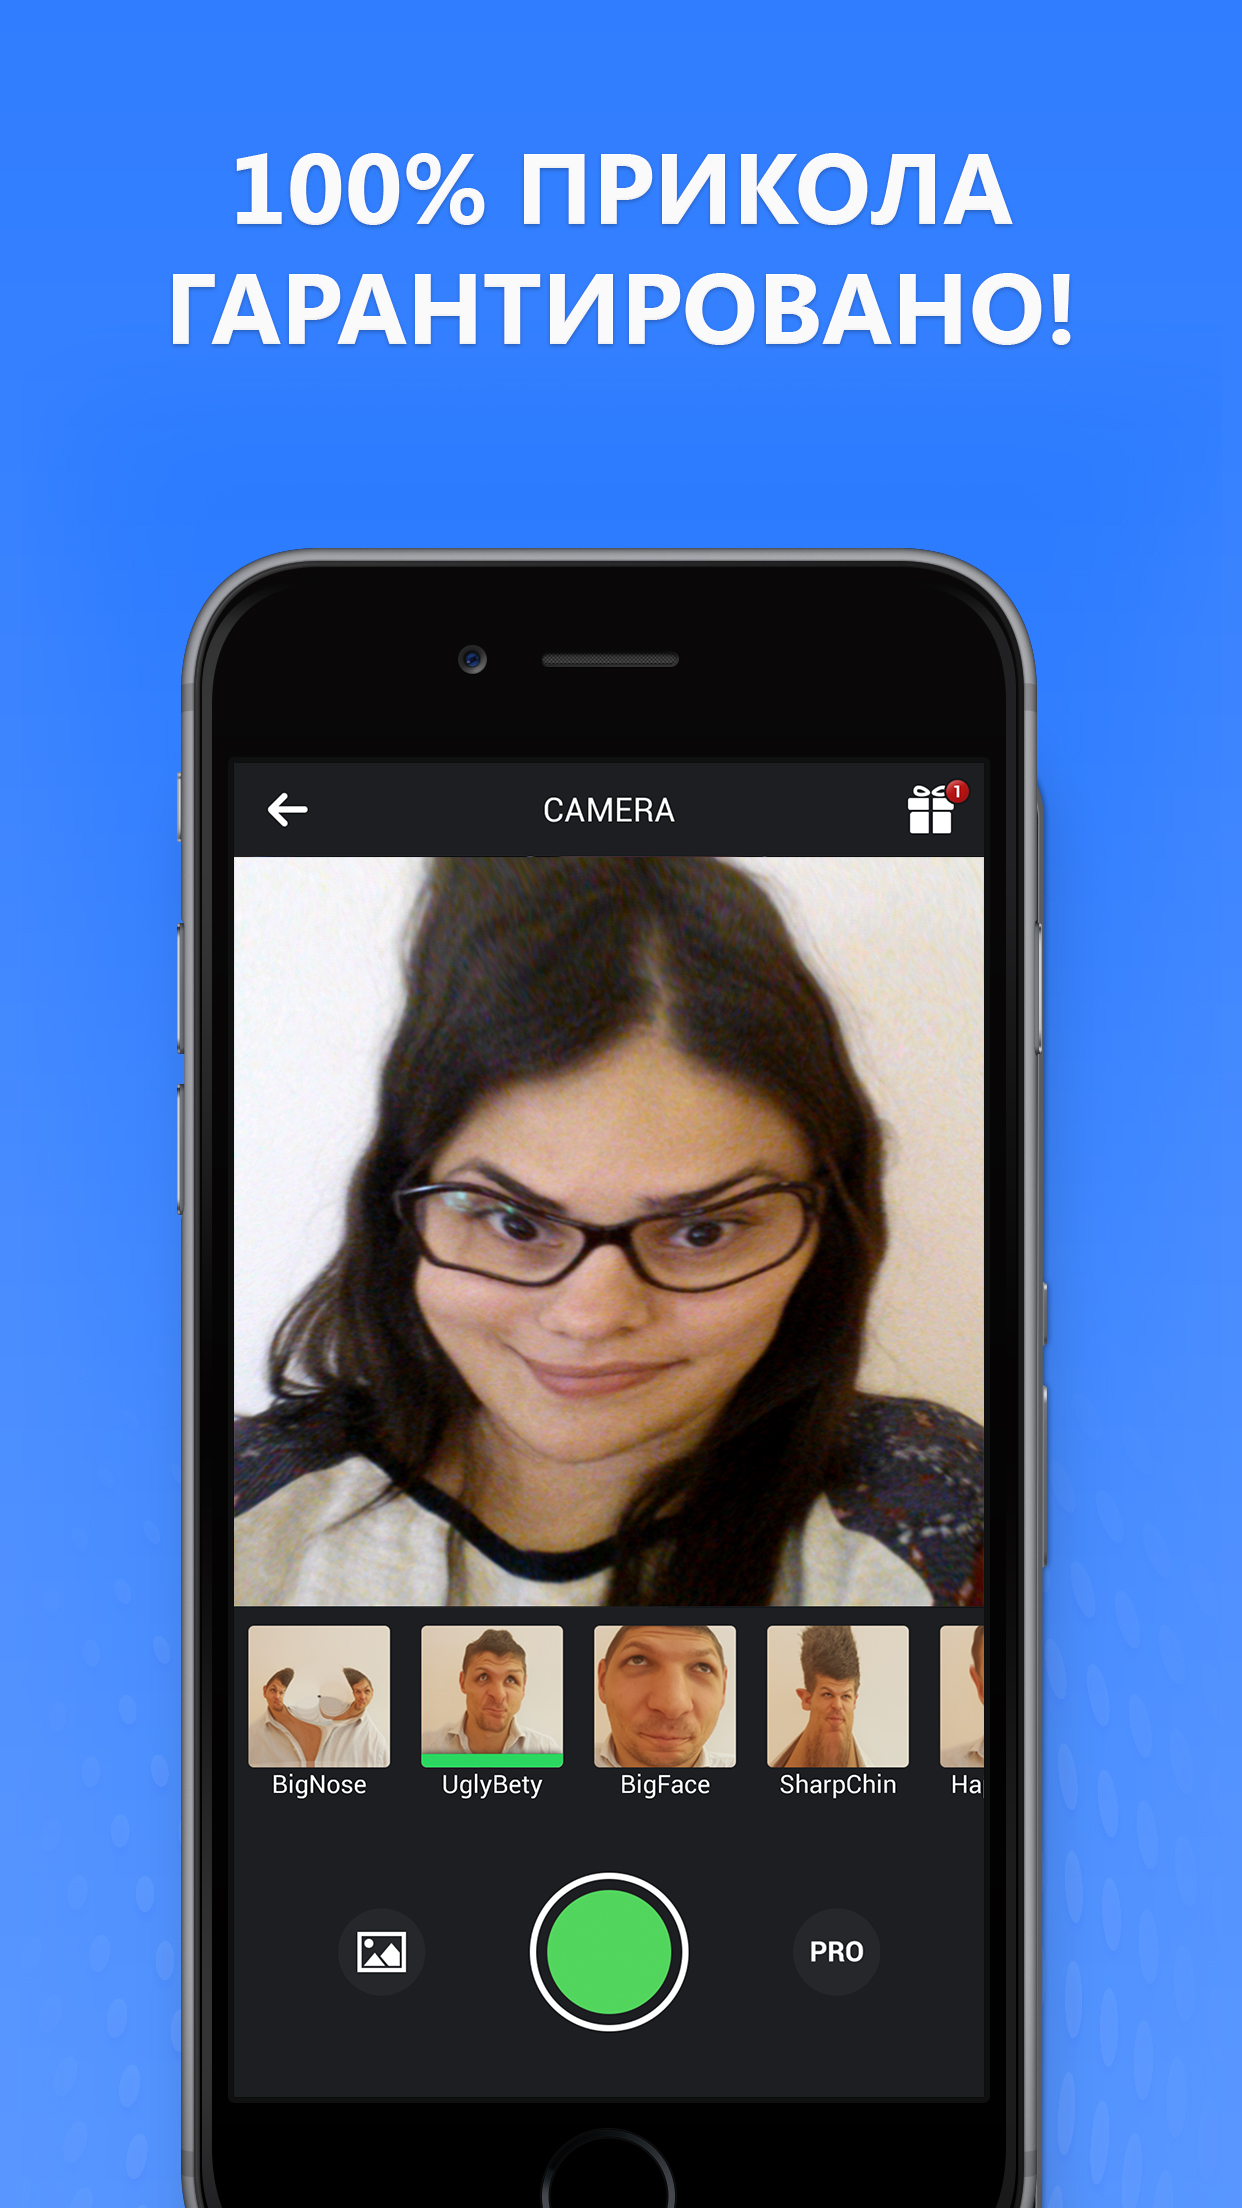 клэр нанесла приложение на айфон для фото приколы эти